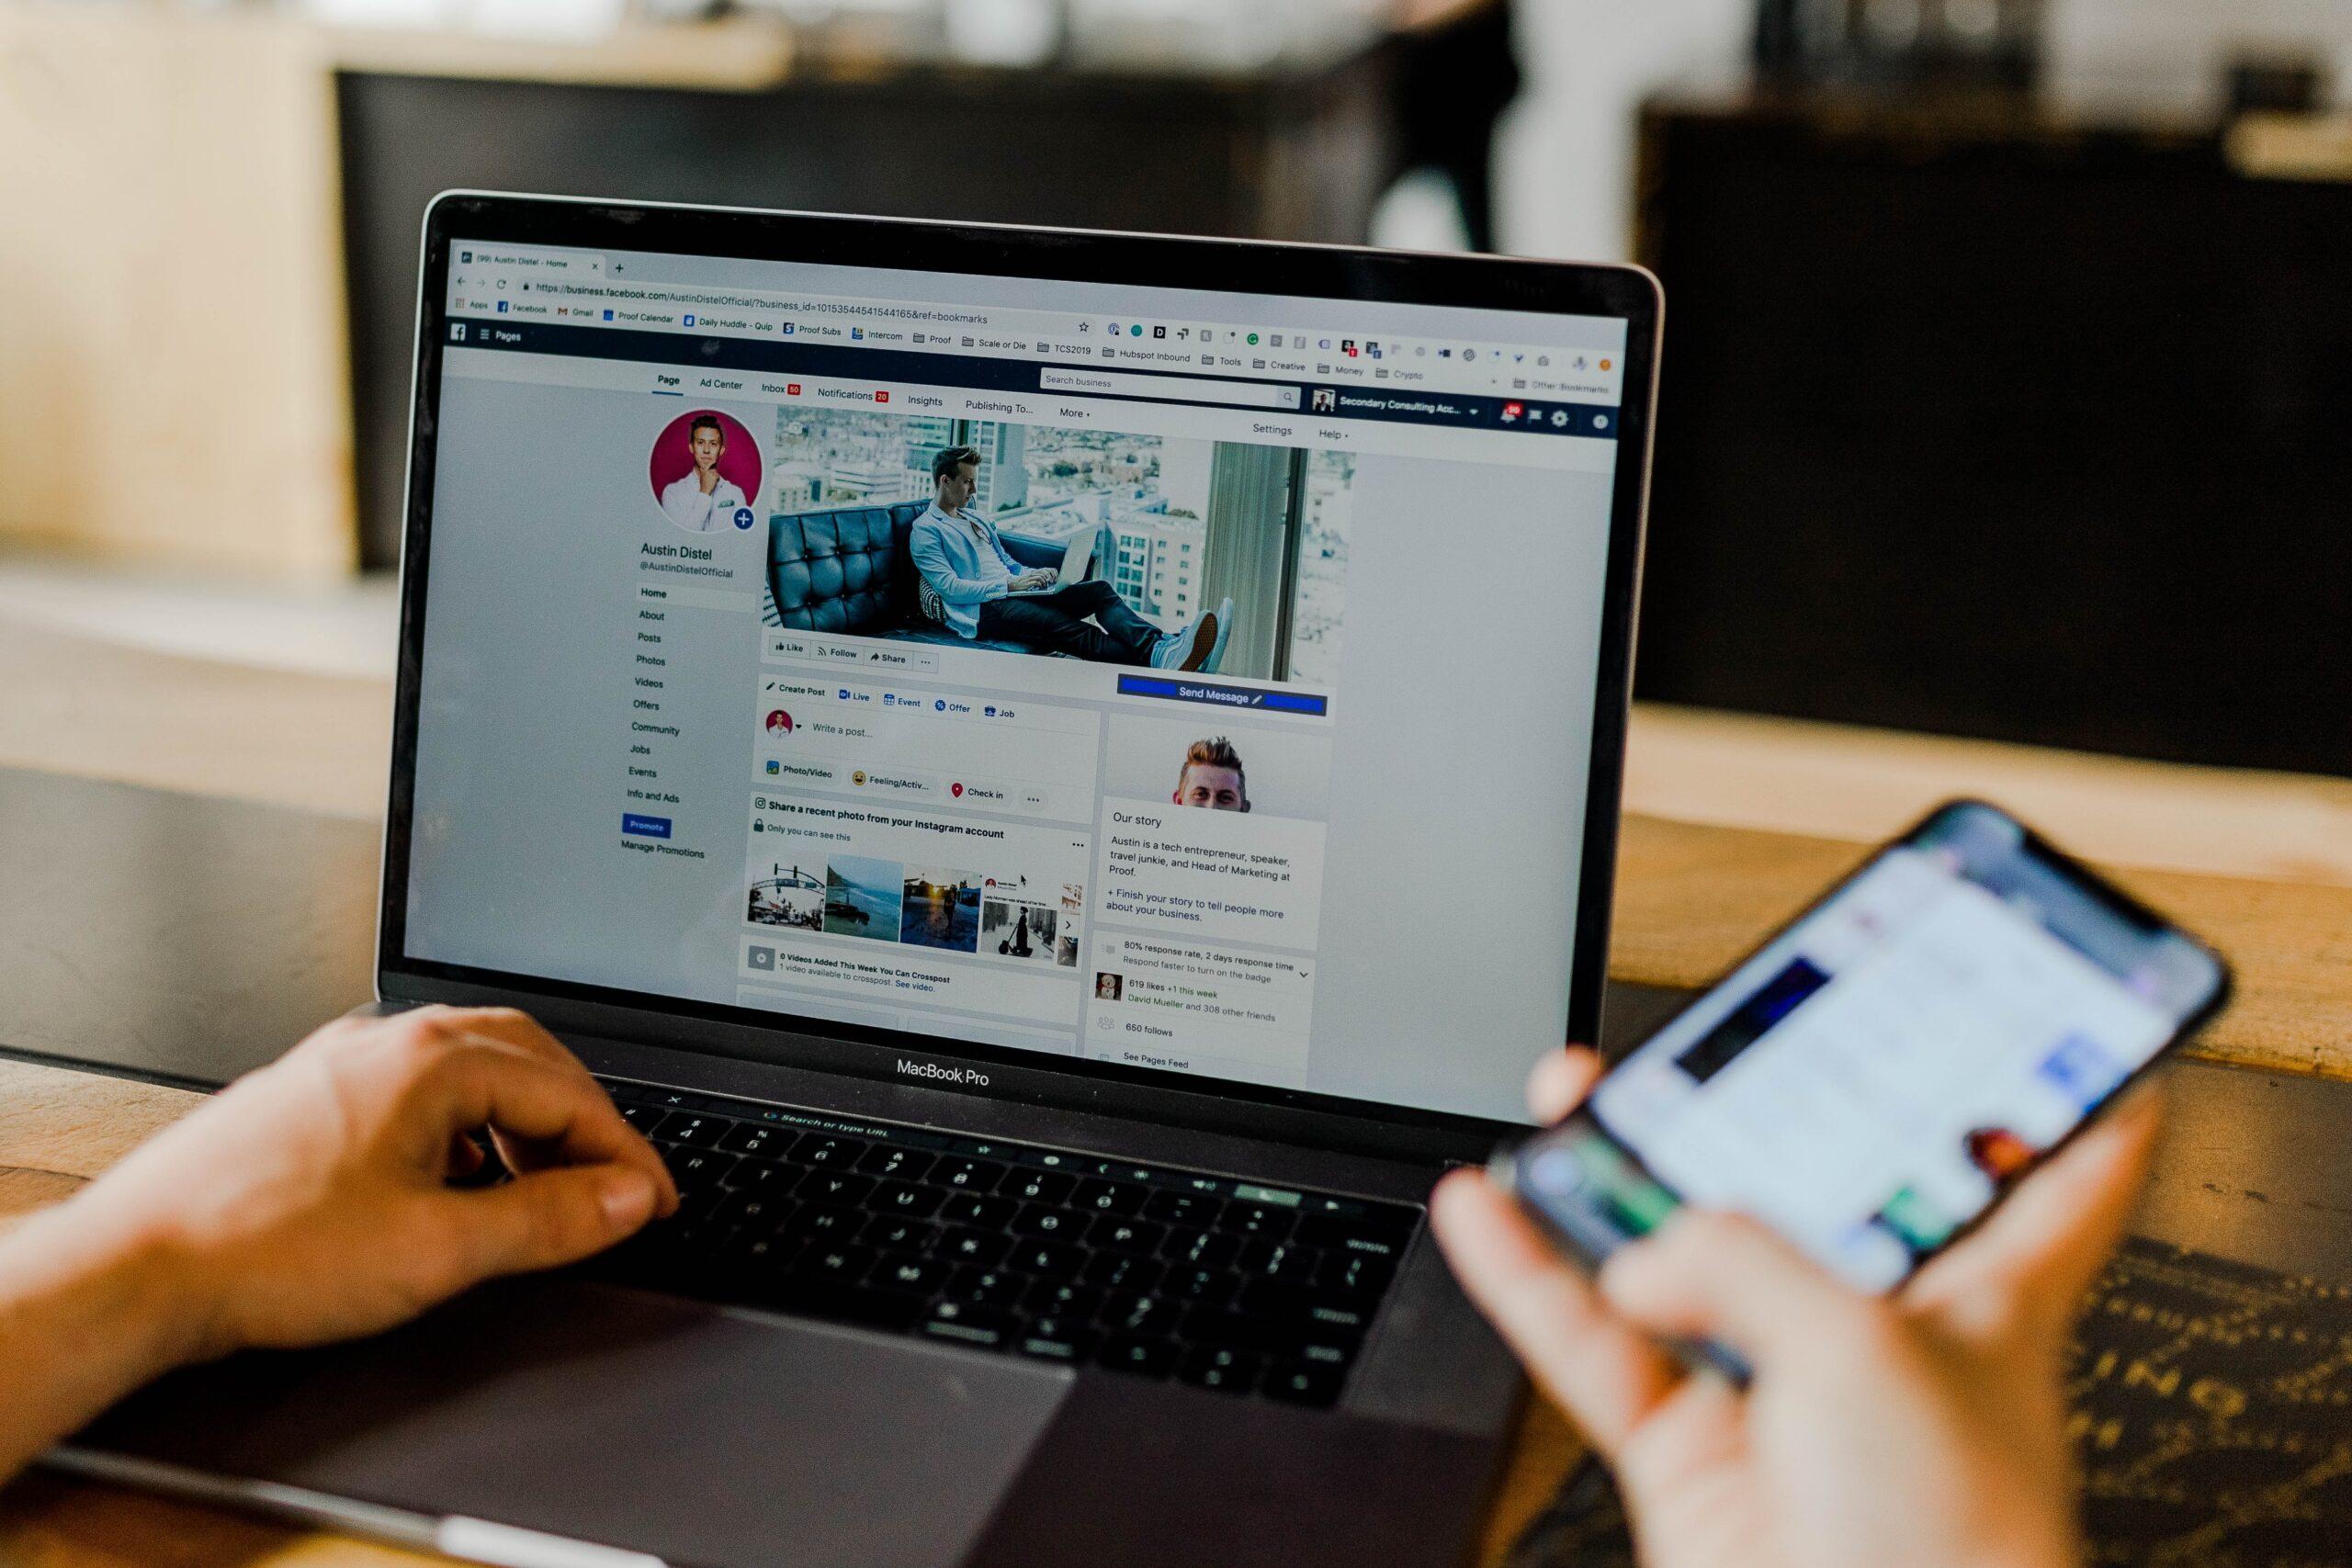 Карусель в Facebook: 5 особливостей цього формату рекламних оголошень, про які ви могли не знати